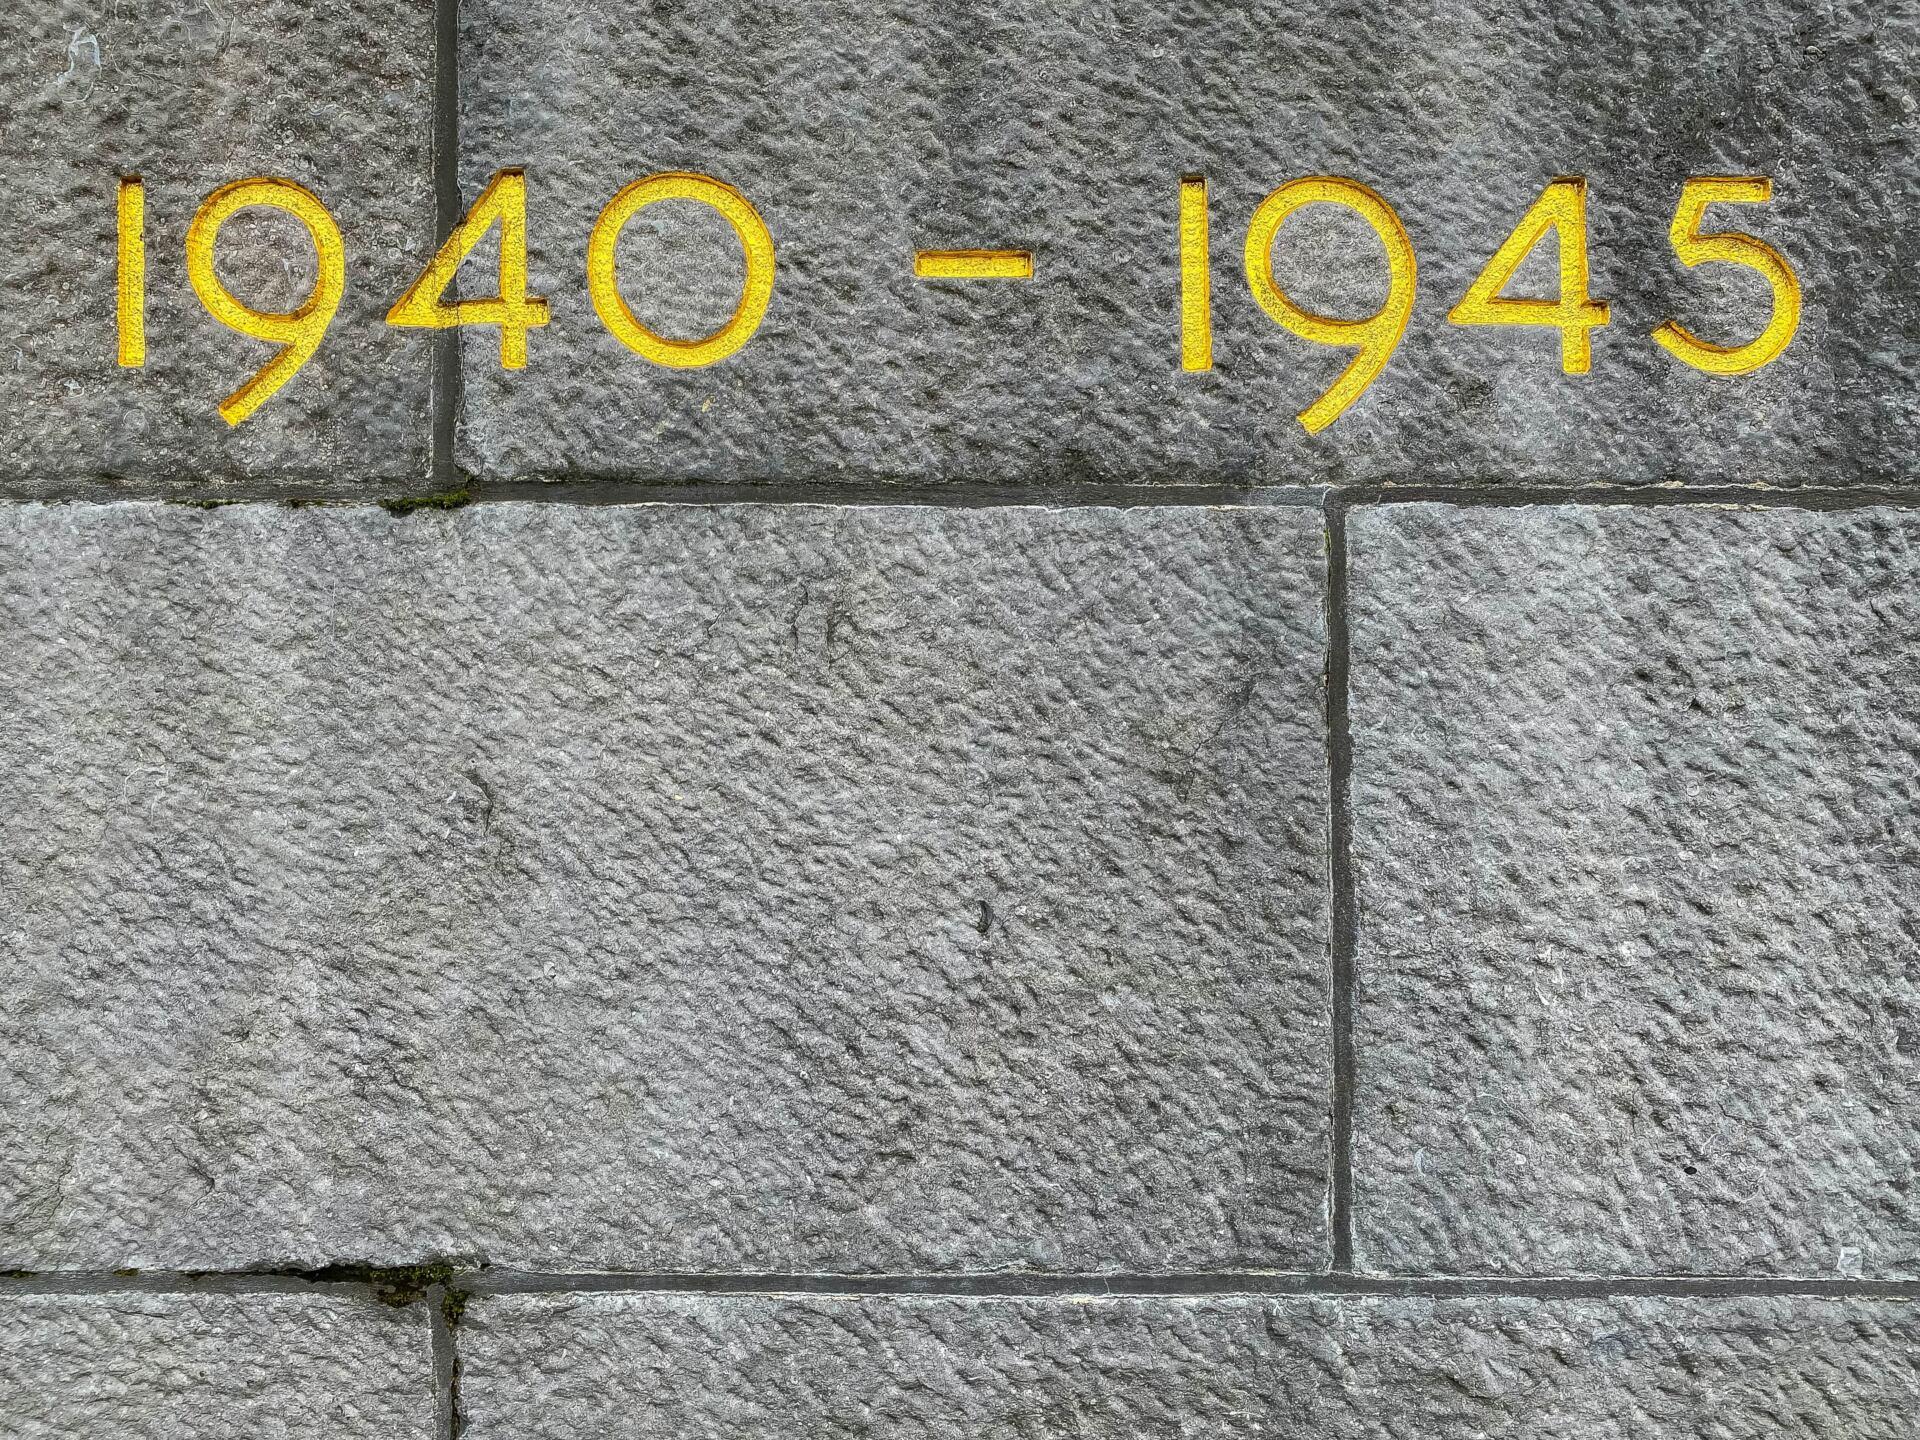 Rechtspraak zet Leeuwarder 'verzets-arrest' op herdenkingsdag online - Mr. online